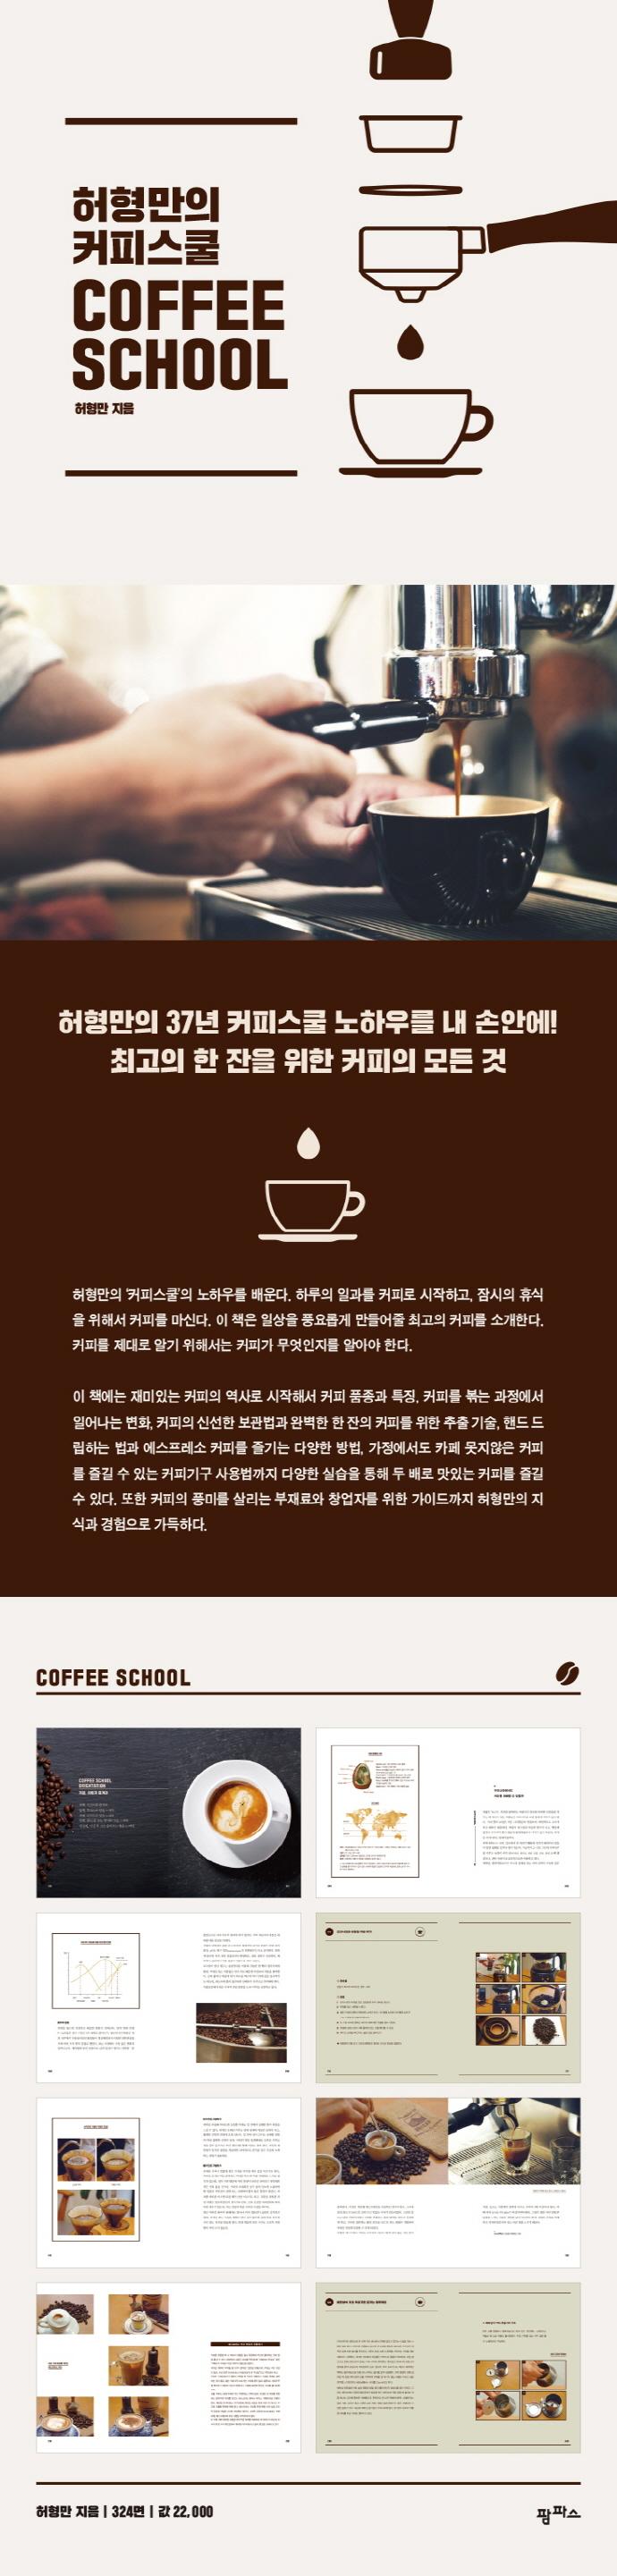 허형만의 커피스쿨 도서 상세이미지